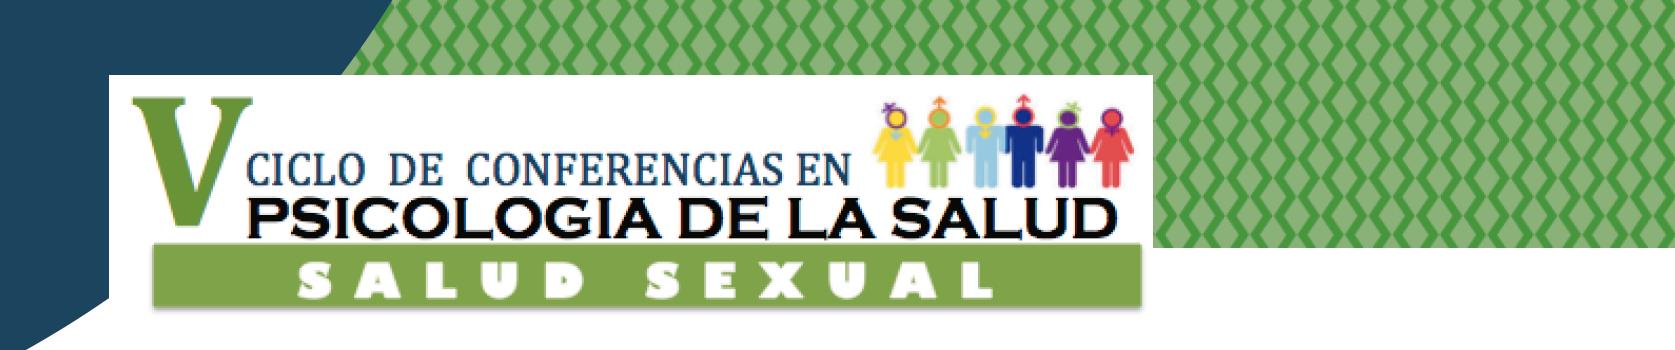 """V Ciclo de Conferencias en Psicología de la Salud """"Salud Sexual"""""""